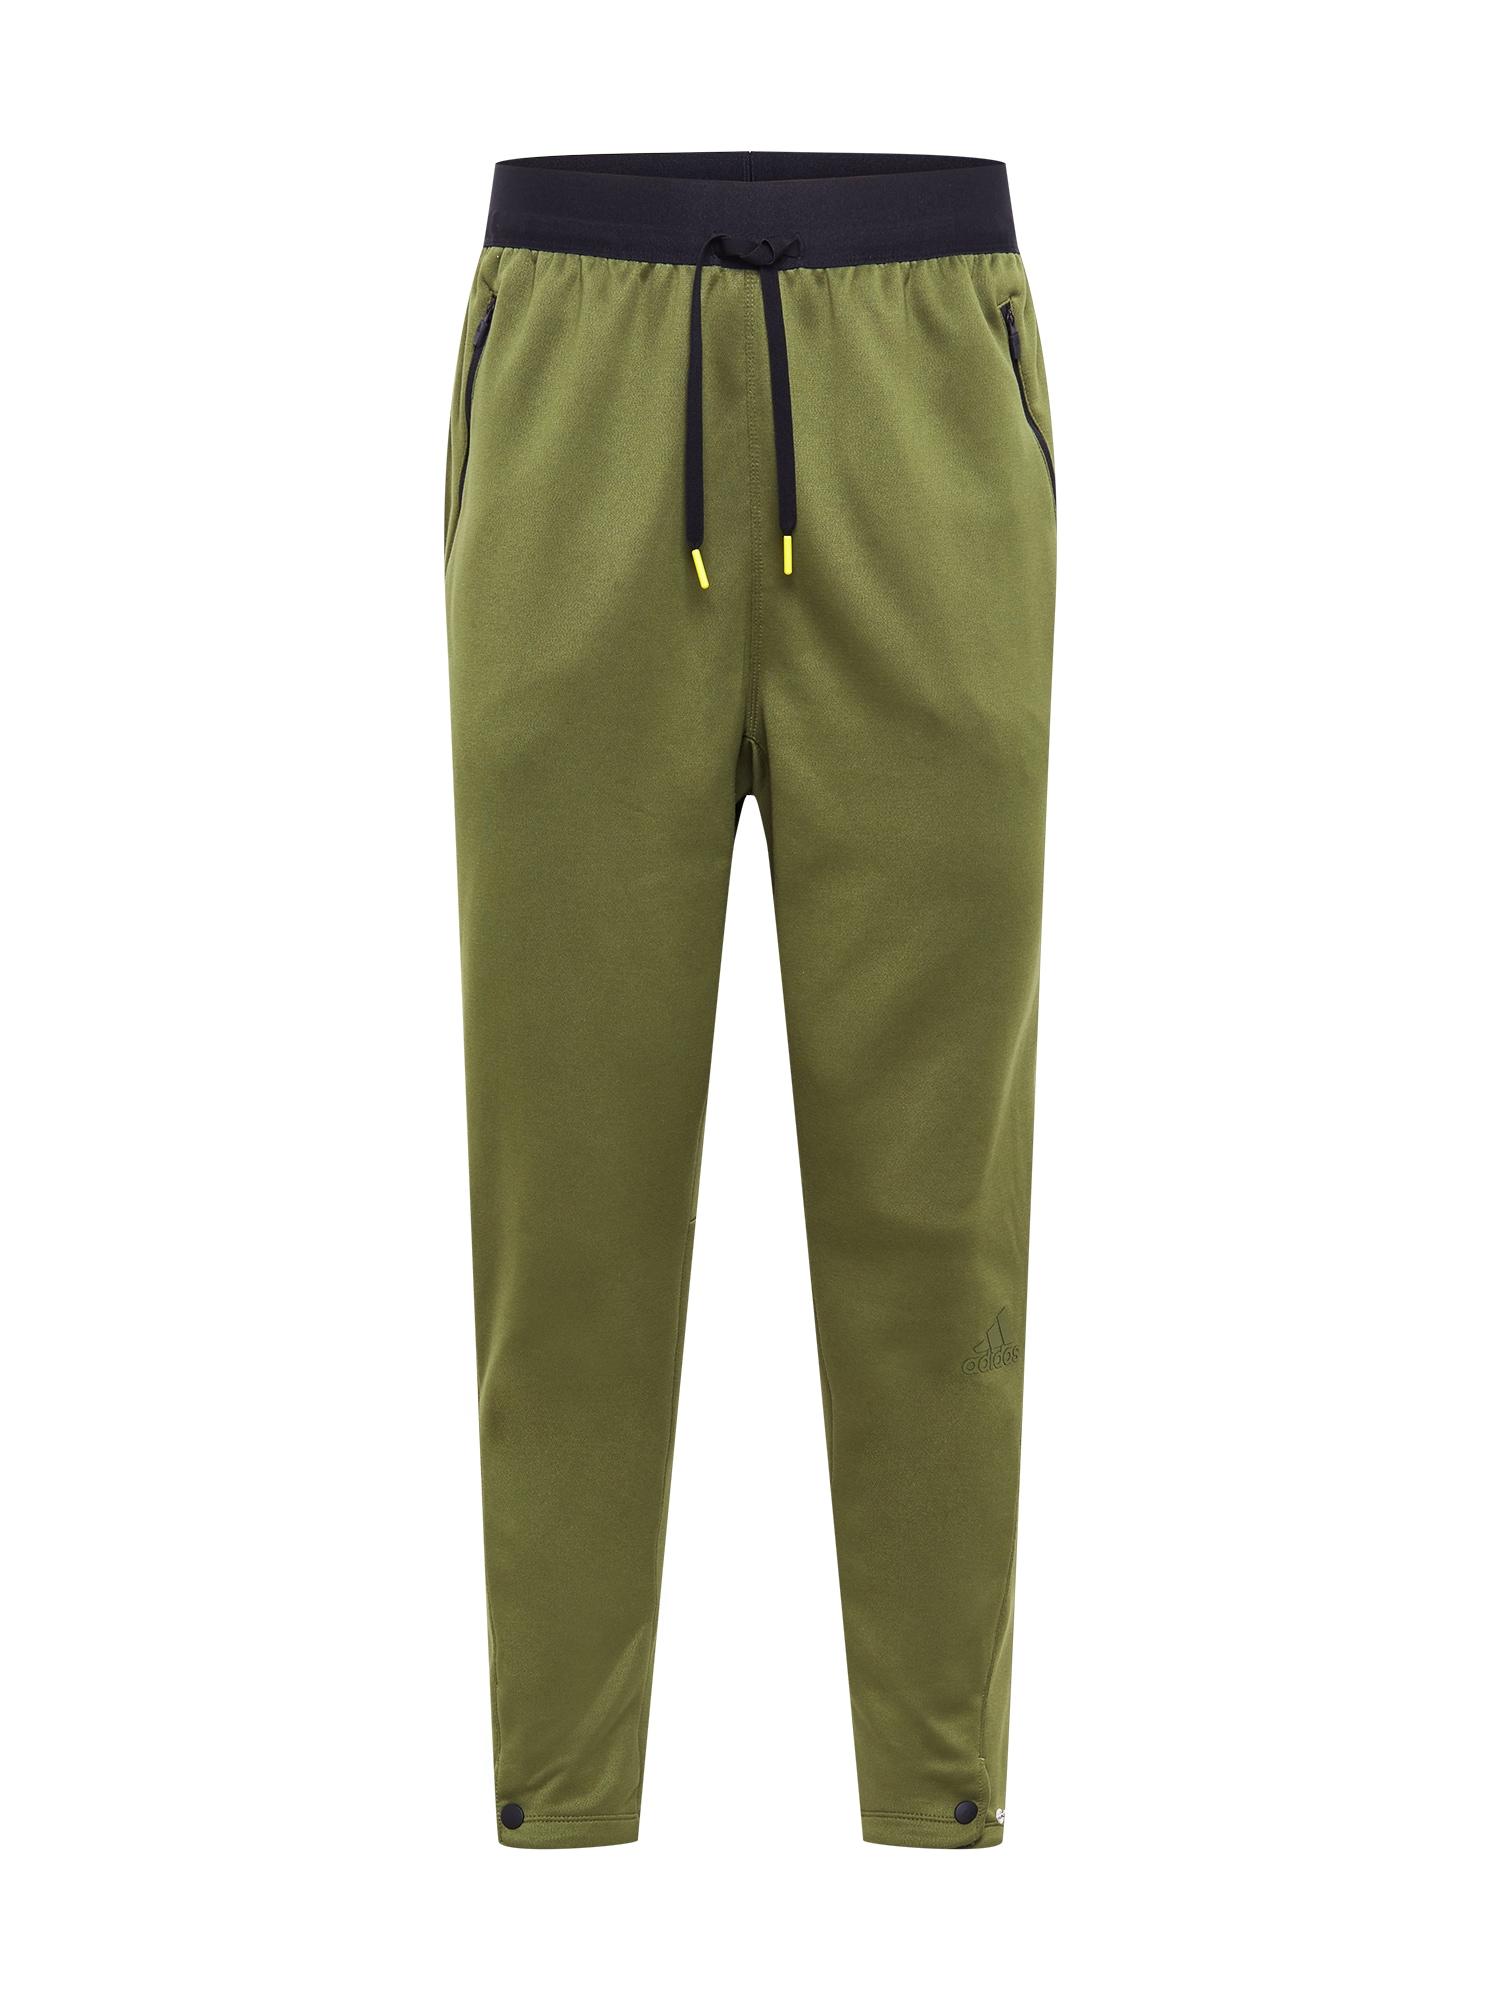 ADIDAS PERFORMANCE Sportinės kelnės rusvai žalia / juoda